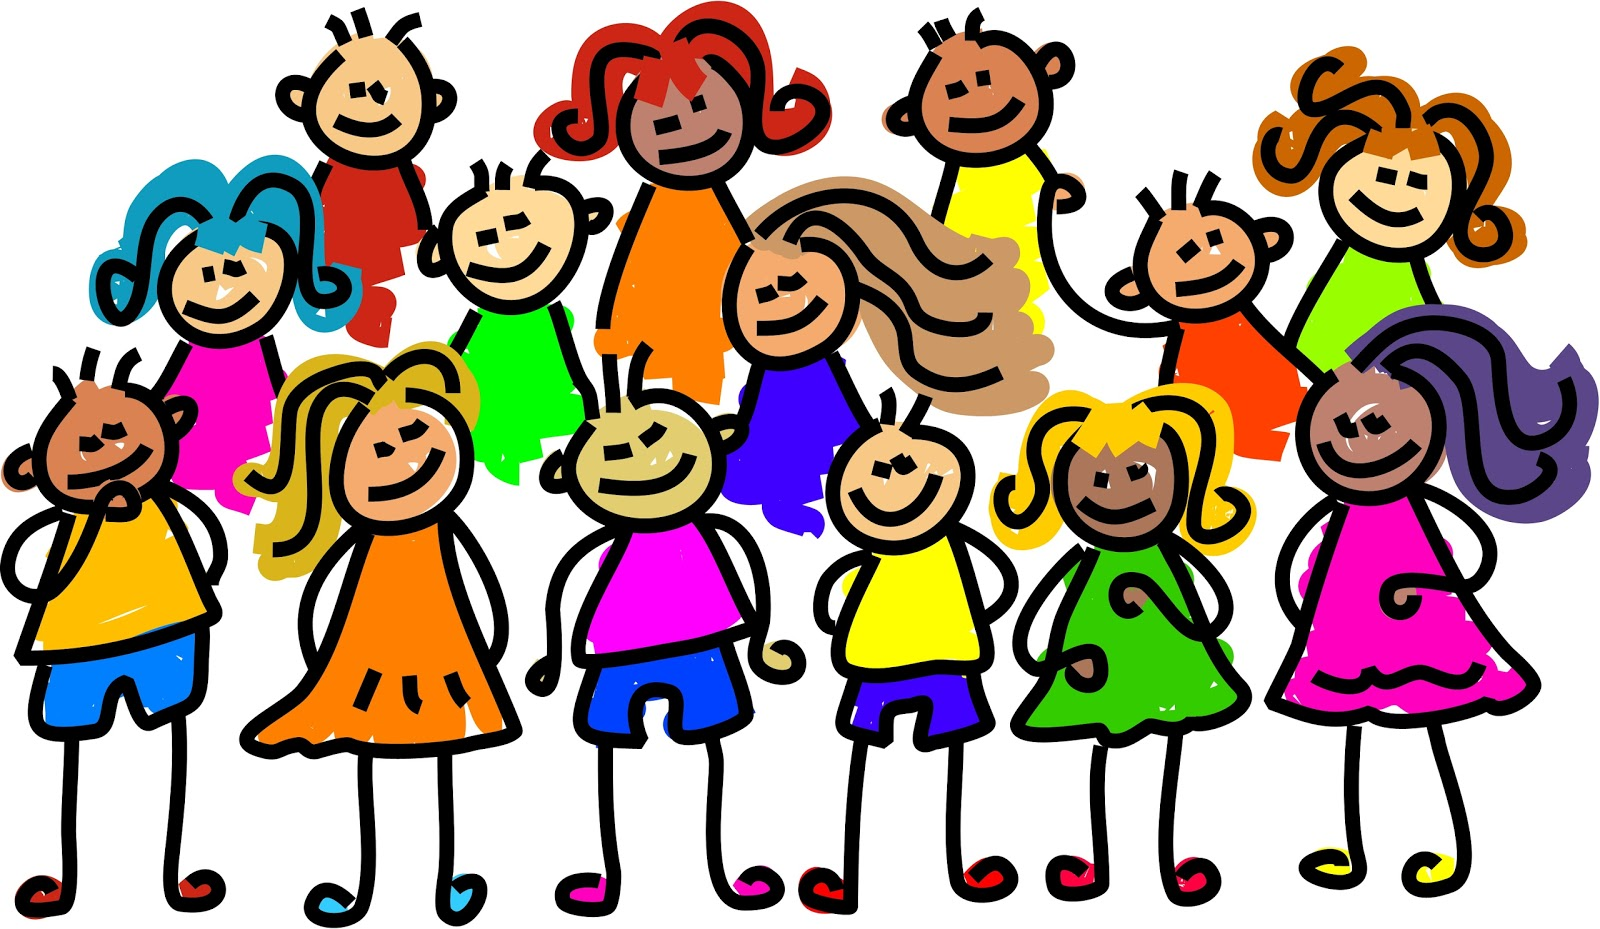 http://4.bp.blogspot.com/-uQX7mkva1aE/T8Pz4Zx-tBI/AAAAAAAABkc/0Vl9-QMj5I0/s1600/grupo+de+ni%C3%B1os.jpg